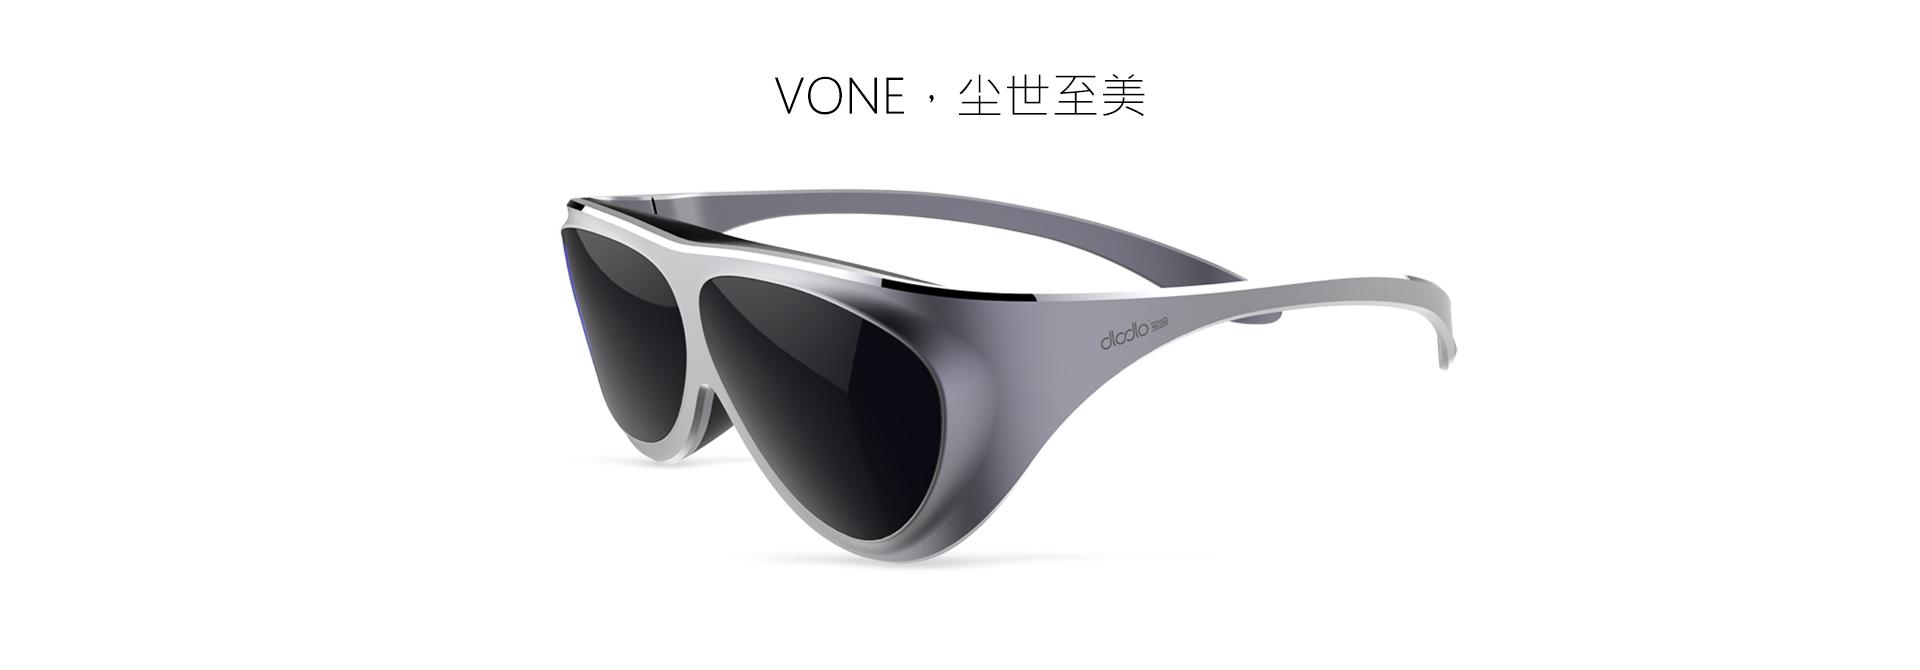 2fd0006ae PC Revue | IFA Live: VR okuliare Dlodlo V1 vo veľkosti slnečných ...